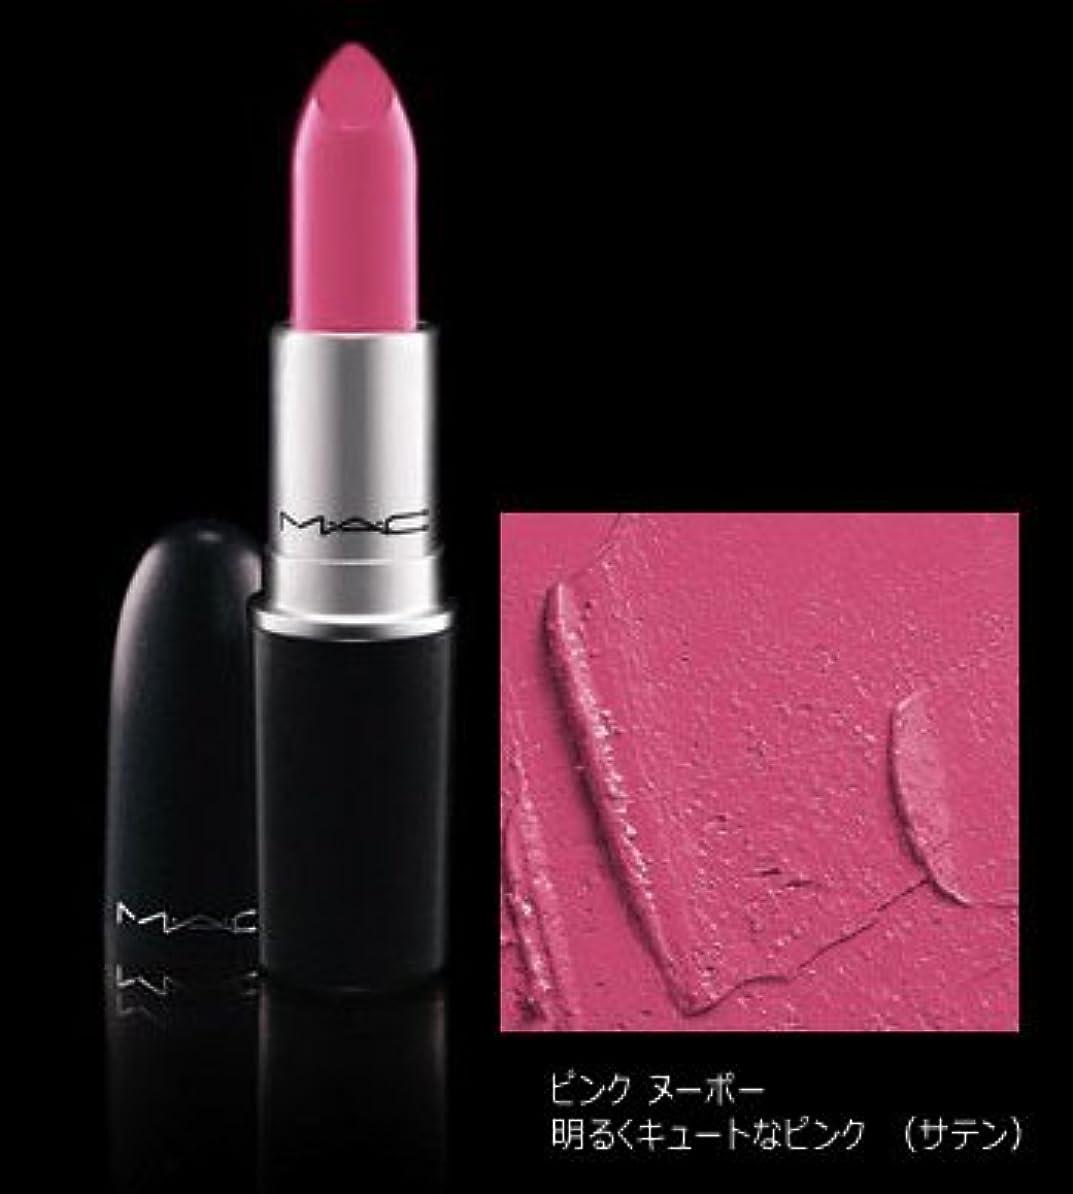 の面では専門かんたん【マック】リップスティック (サテン) #ピンク ヌーボー 3g [並行輸入品]